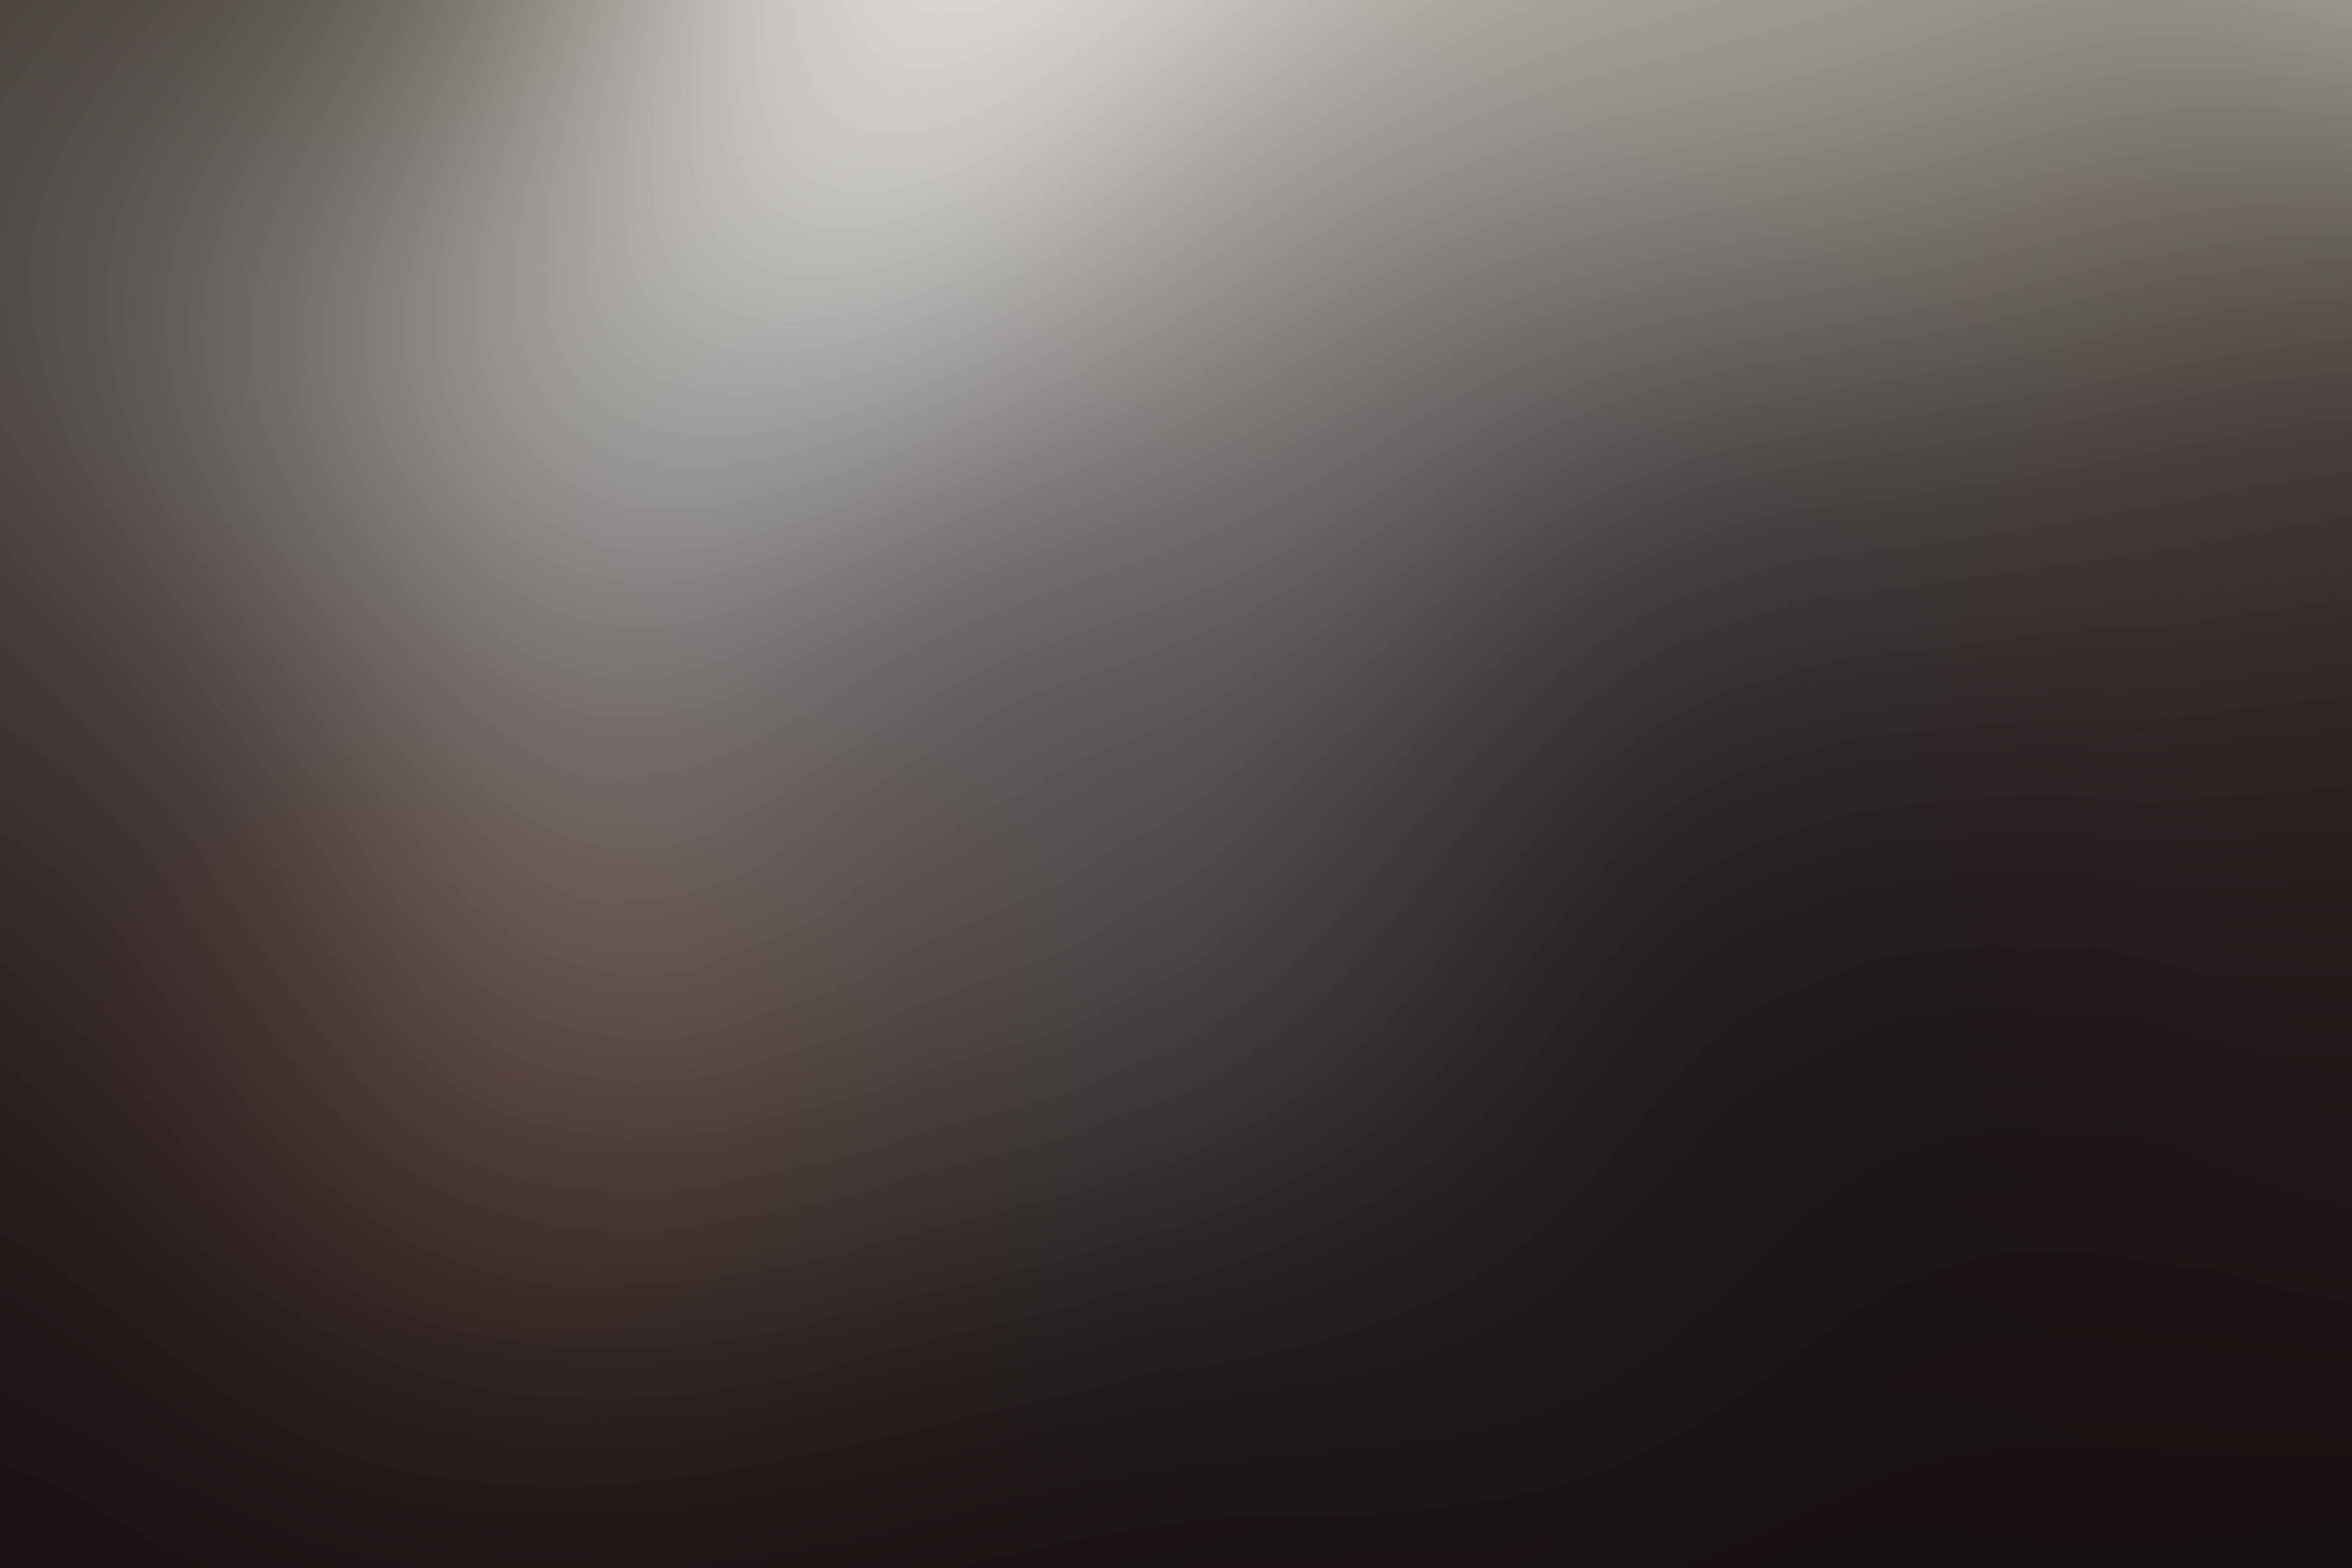 dark blurred background free